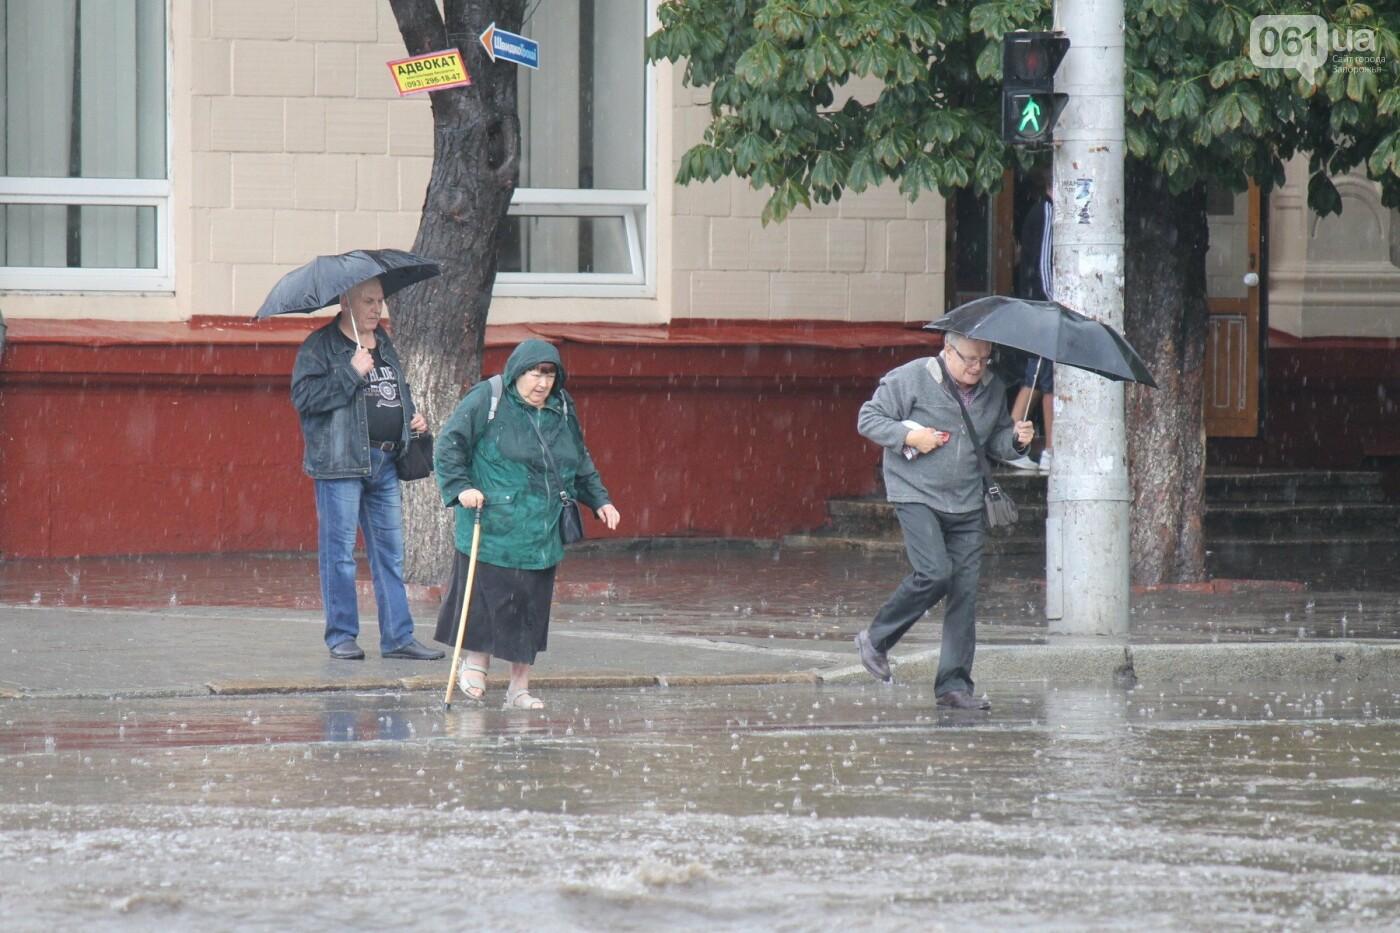 Запорожье накрыл мощный ливень: улицы затопило, люди насквозь промокли, – ФОТОРЕПОРТАЖ, фото-4